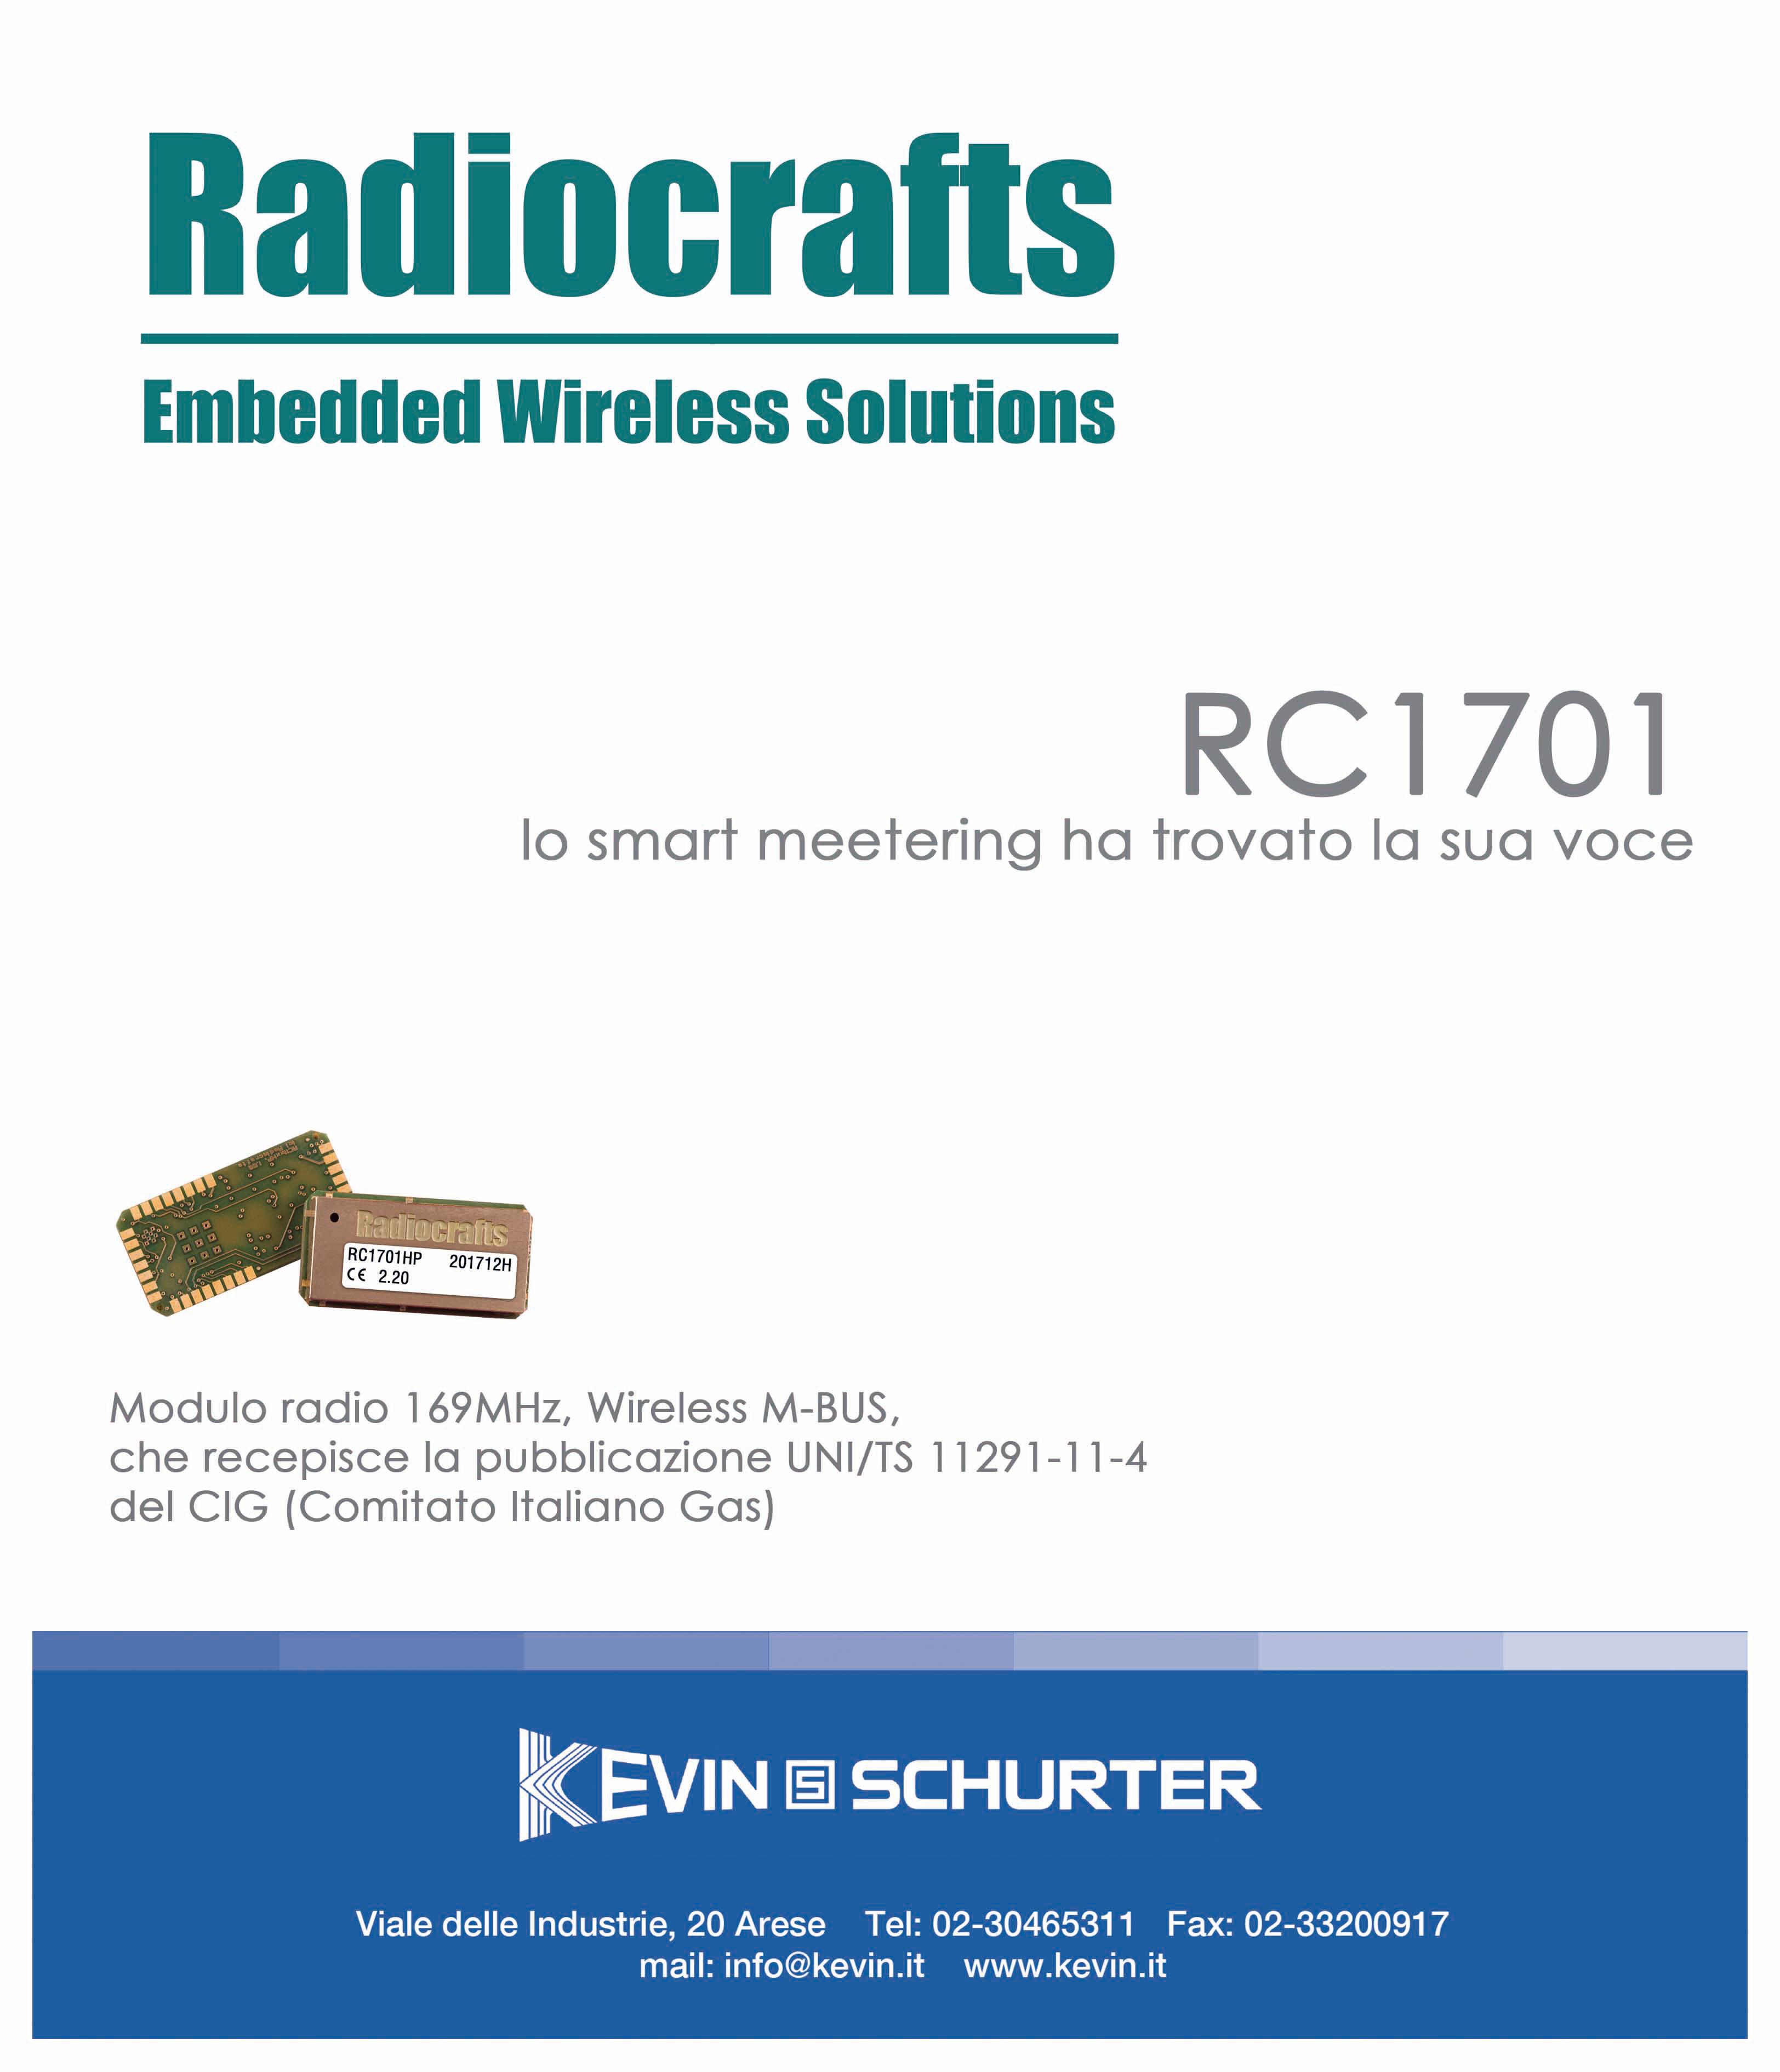 Kevin_Pagina_EoNews-Radiocraft_Set17_alta-v0 copia copia